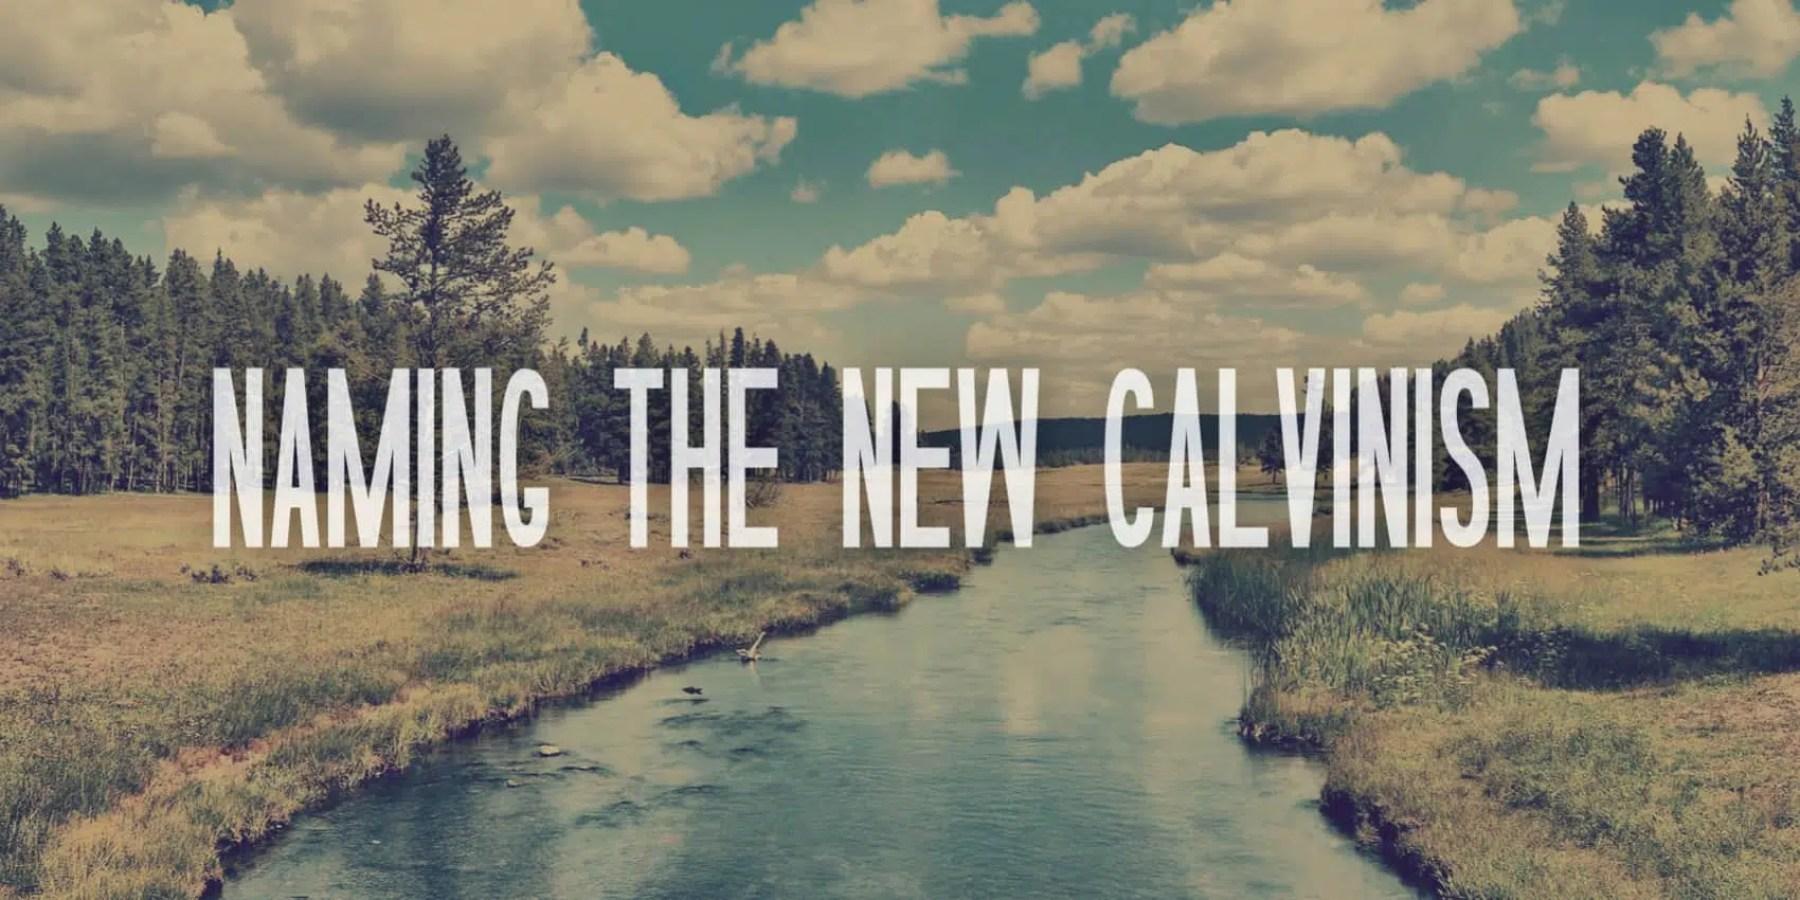 NamingNewCalvinism